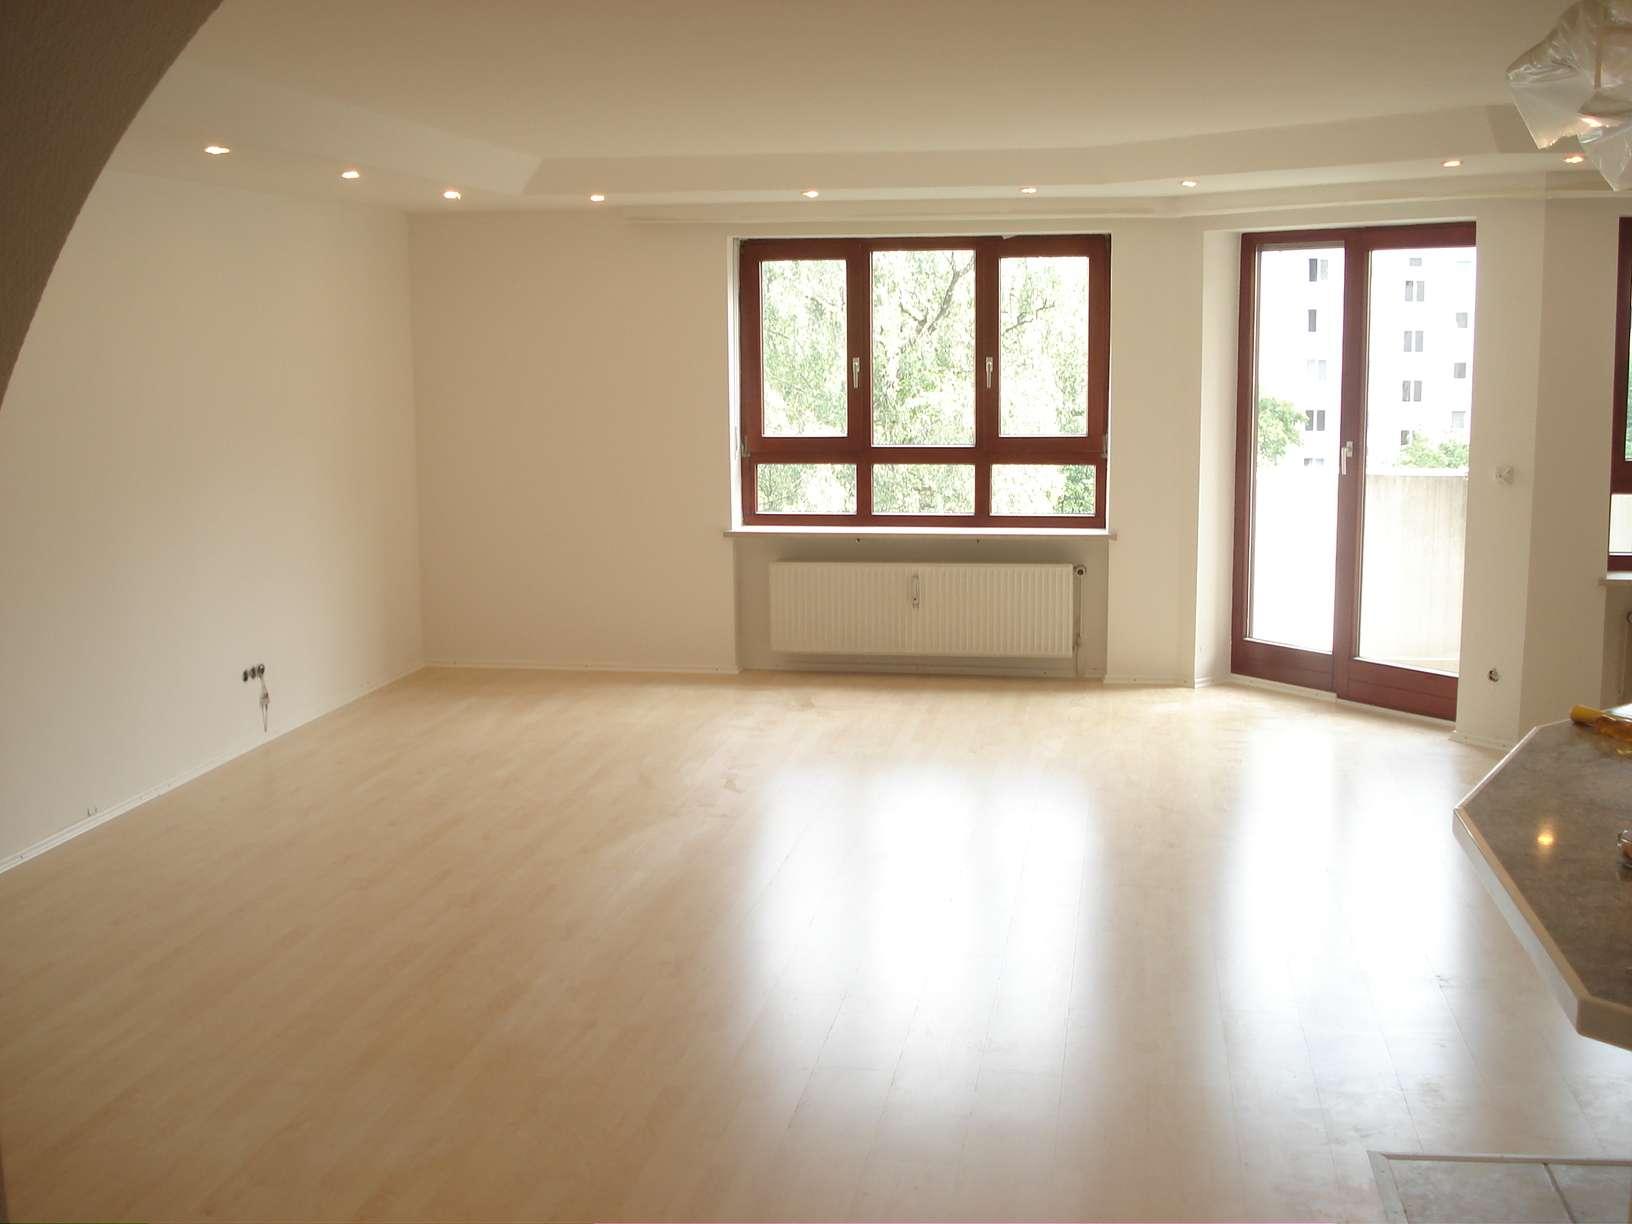 Traumhafte 3,5-Zimmer-Wohnung mit Südbalkon & grüner Oase (PROVISIONSFREI) in Obergiesing (München)